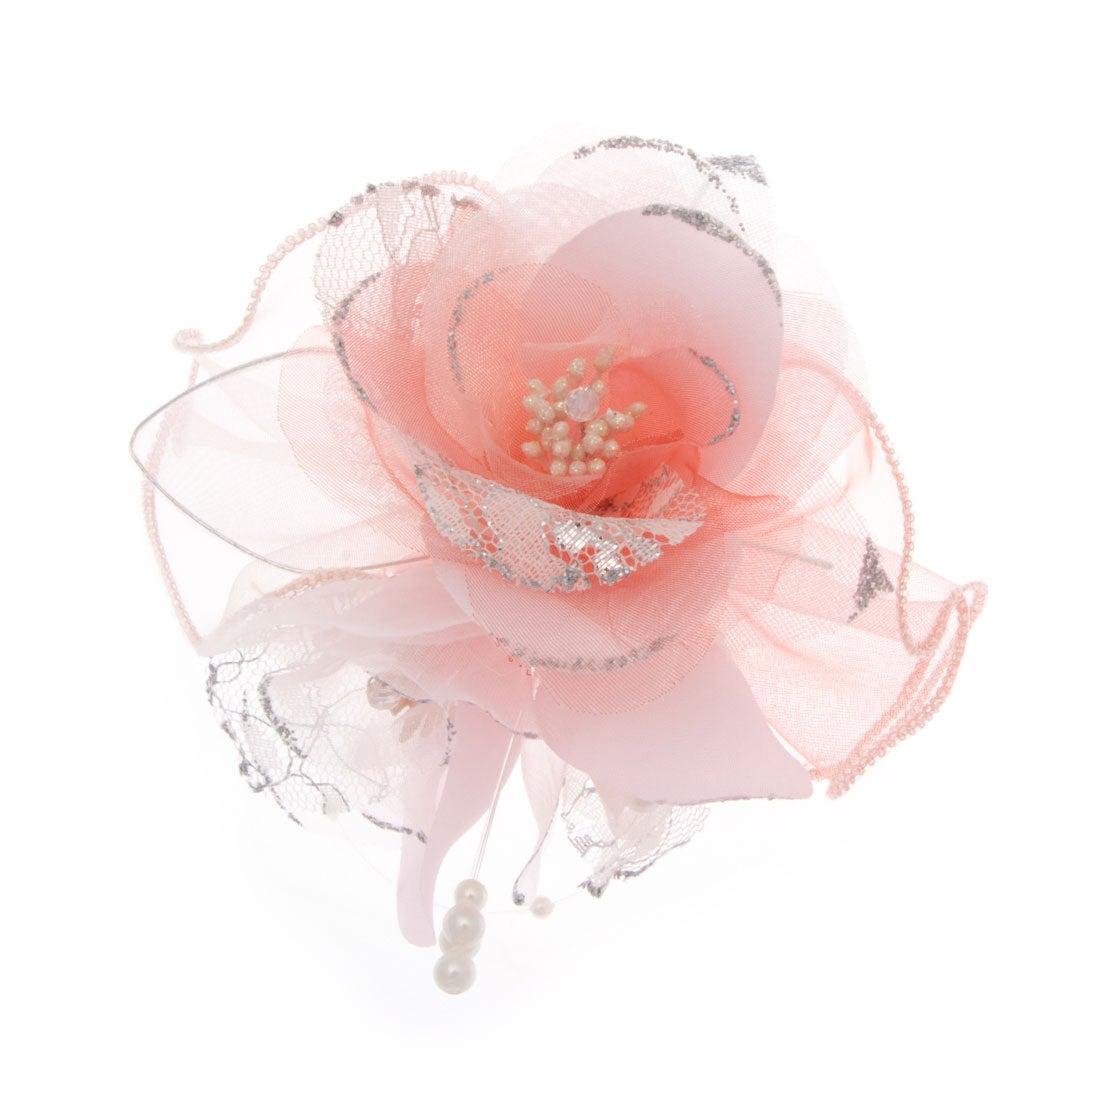 プレンドレ ラ ジョア prendre la joie 【入学式、卒業式、入園、卒園に】バラ2輪パールあしらいコサージュ (ピンク)